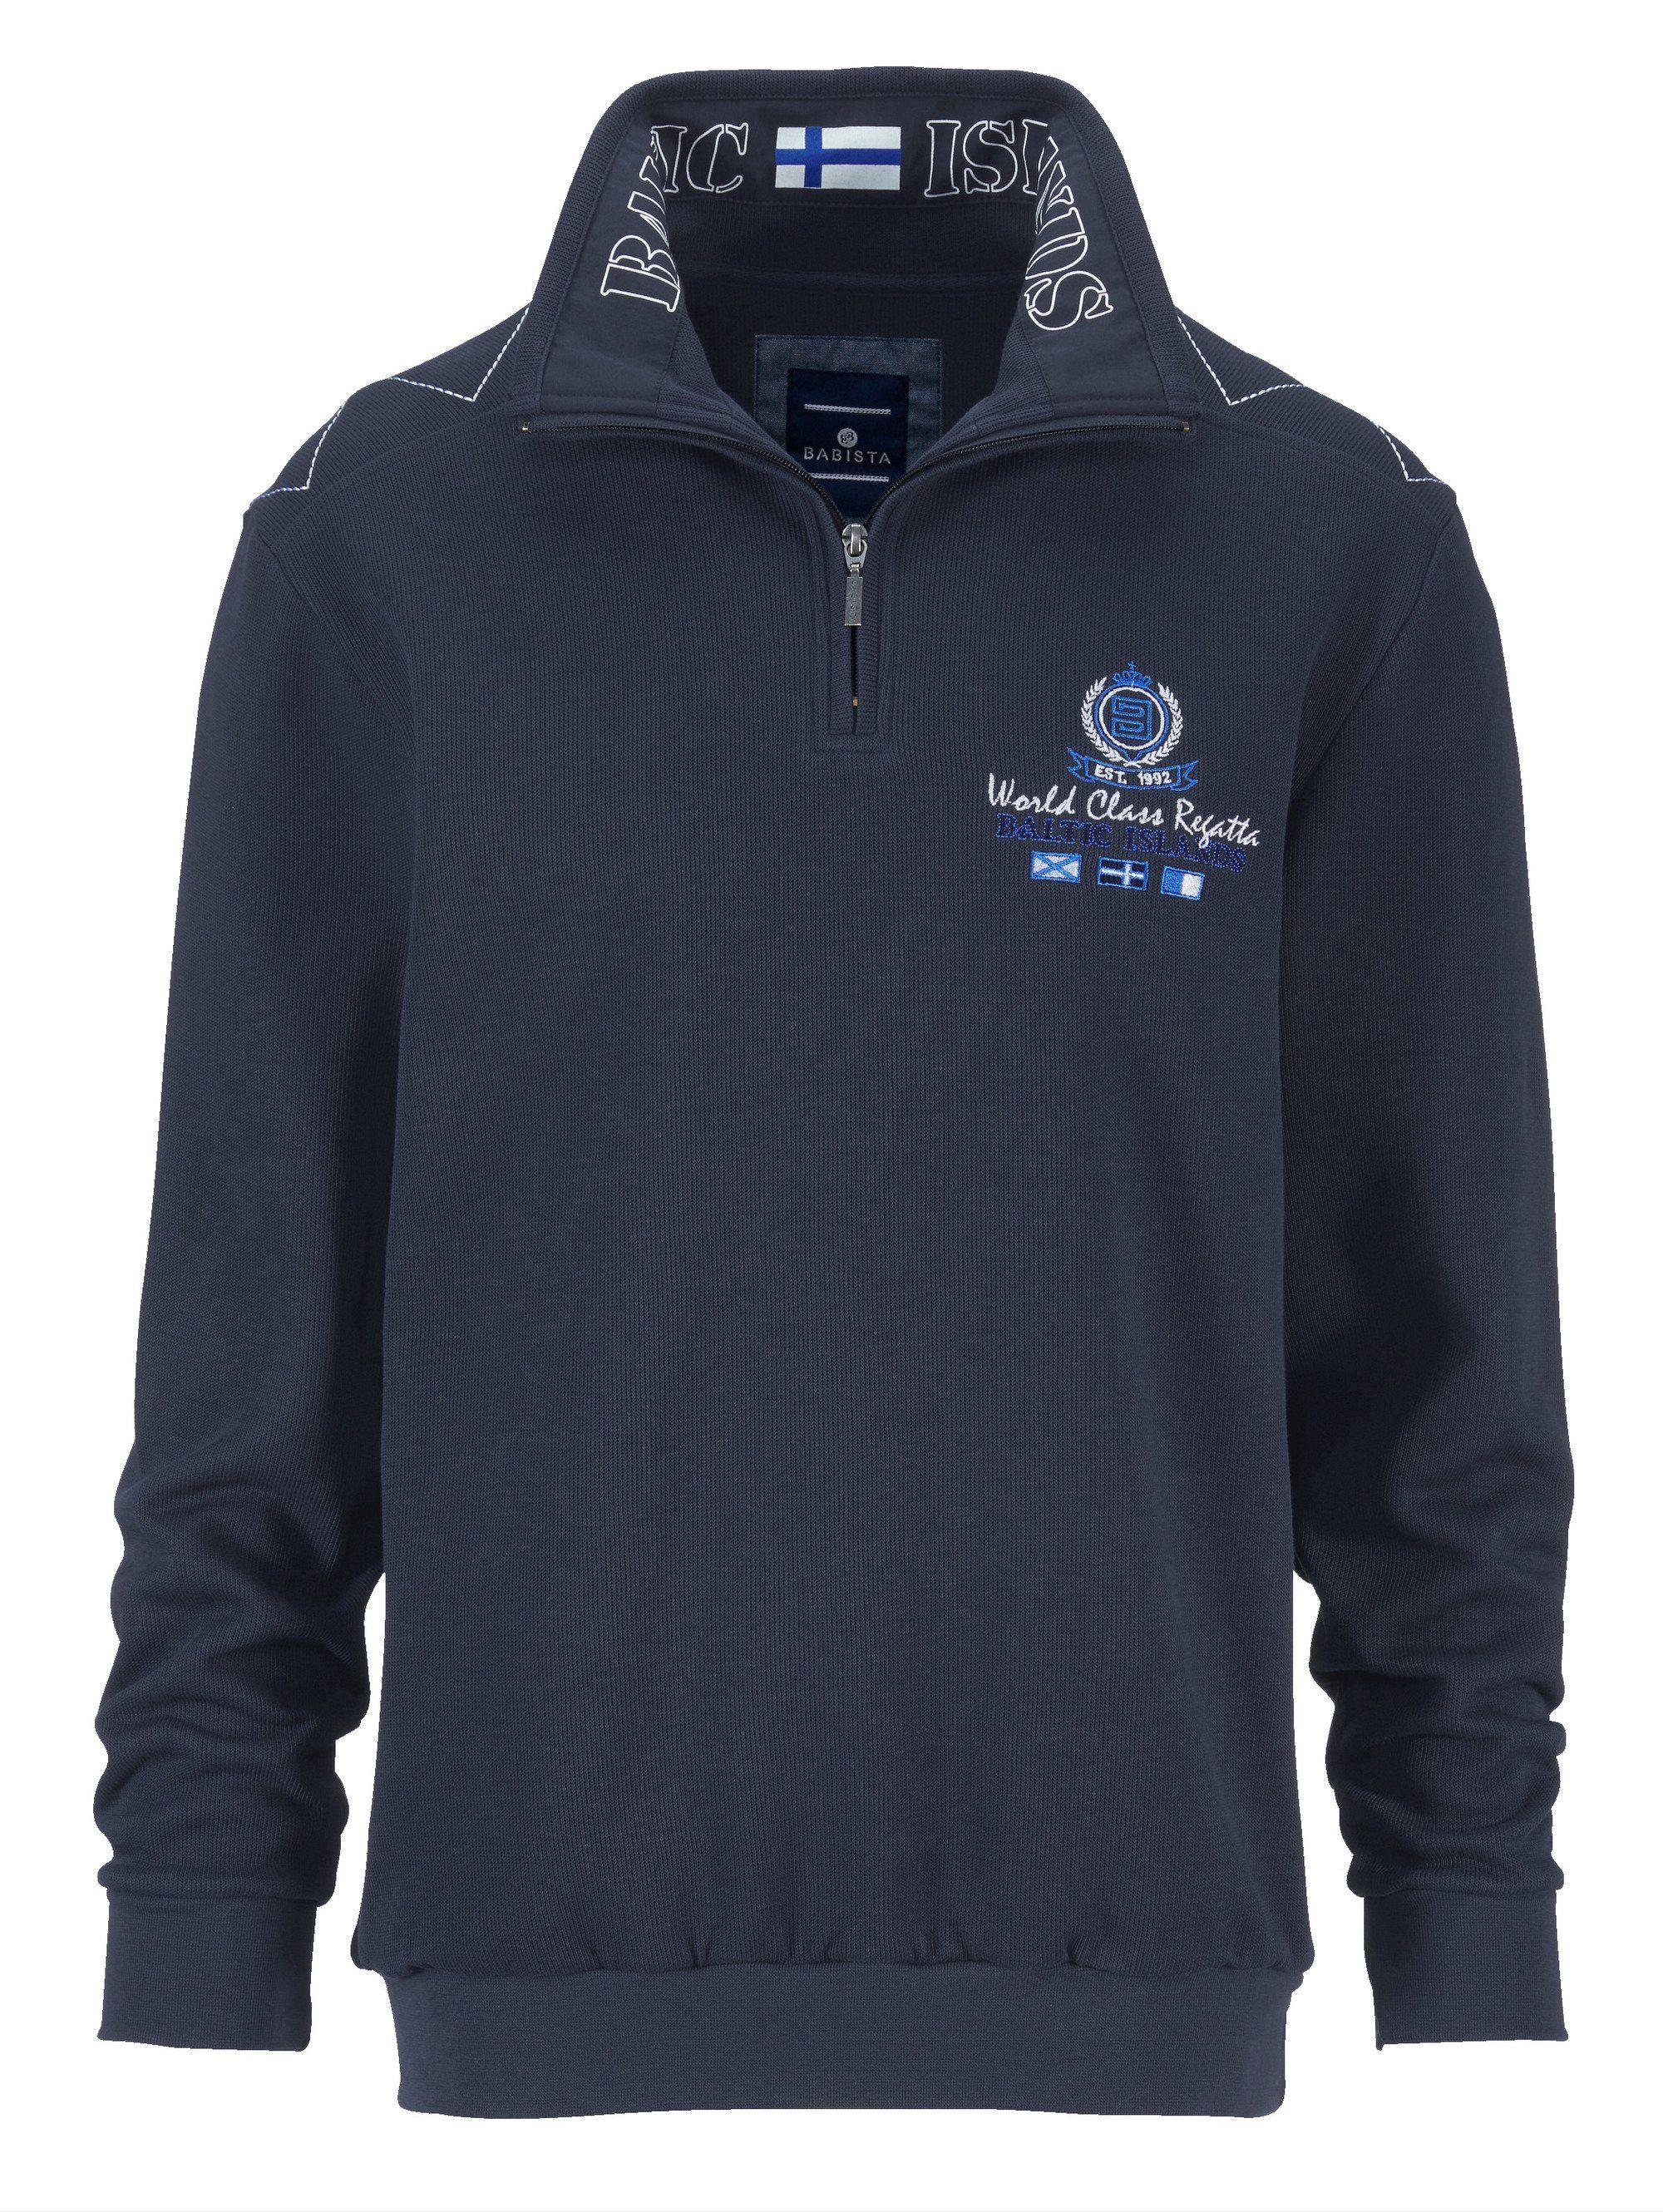 Babista Sweatshirt mit aufwändigen Details kaufen | OTTO